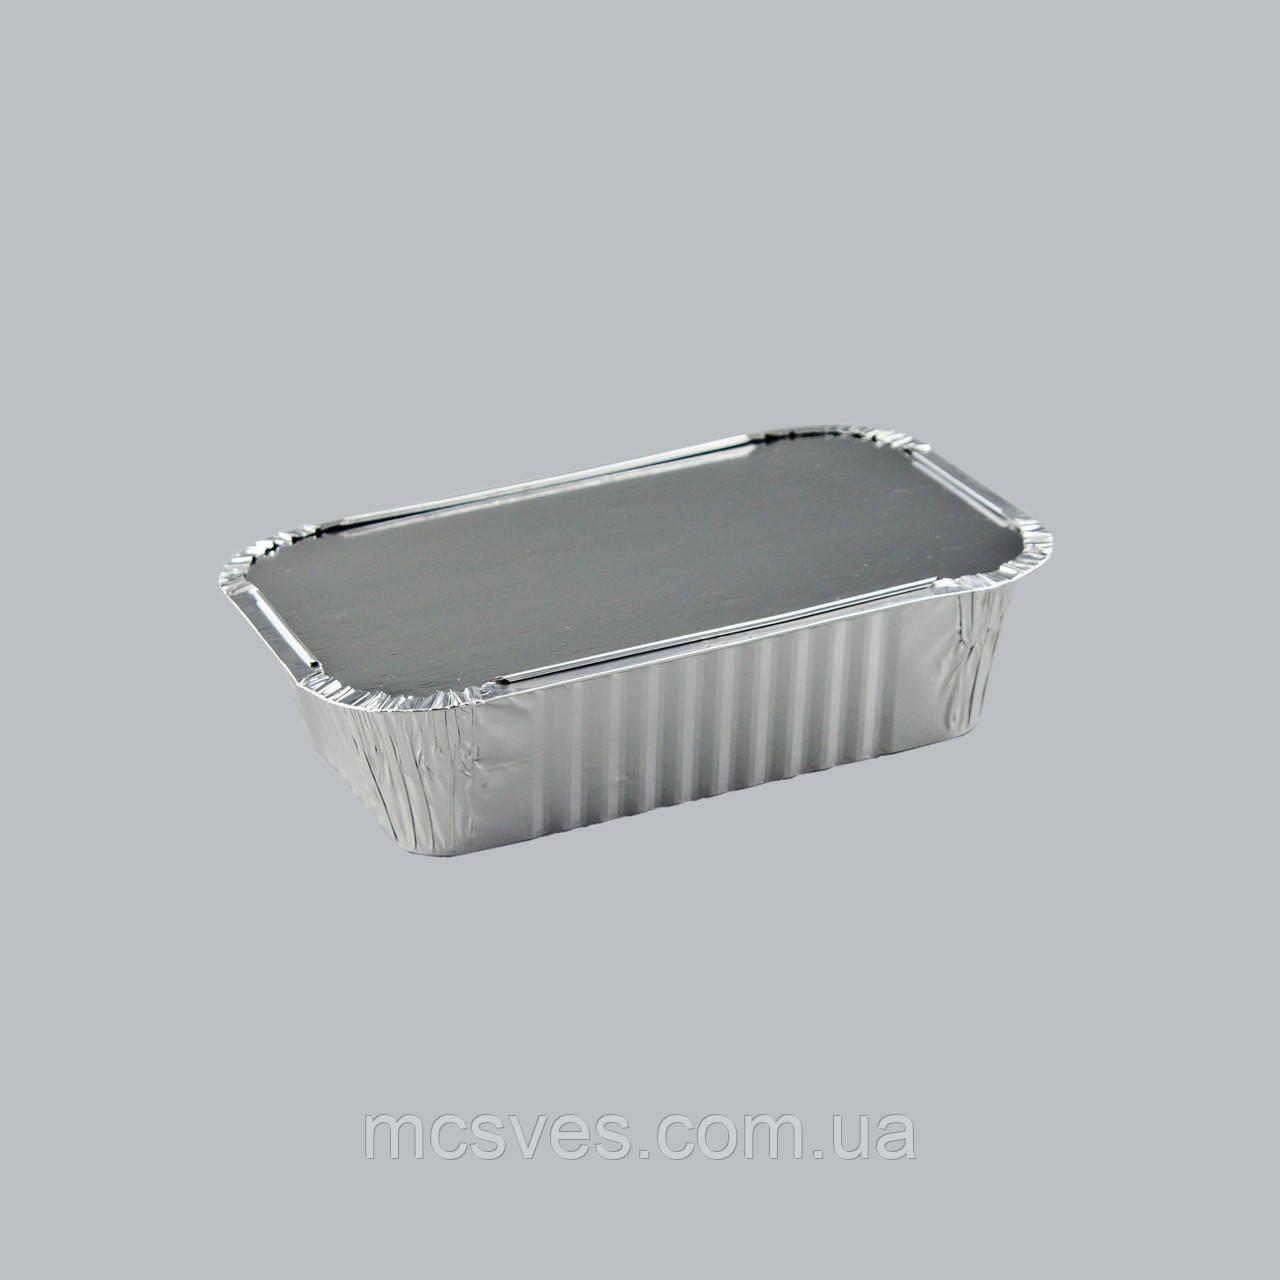 Контейнер с крышкой из пищевой алюминиевой фольги R21L